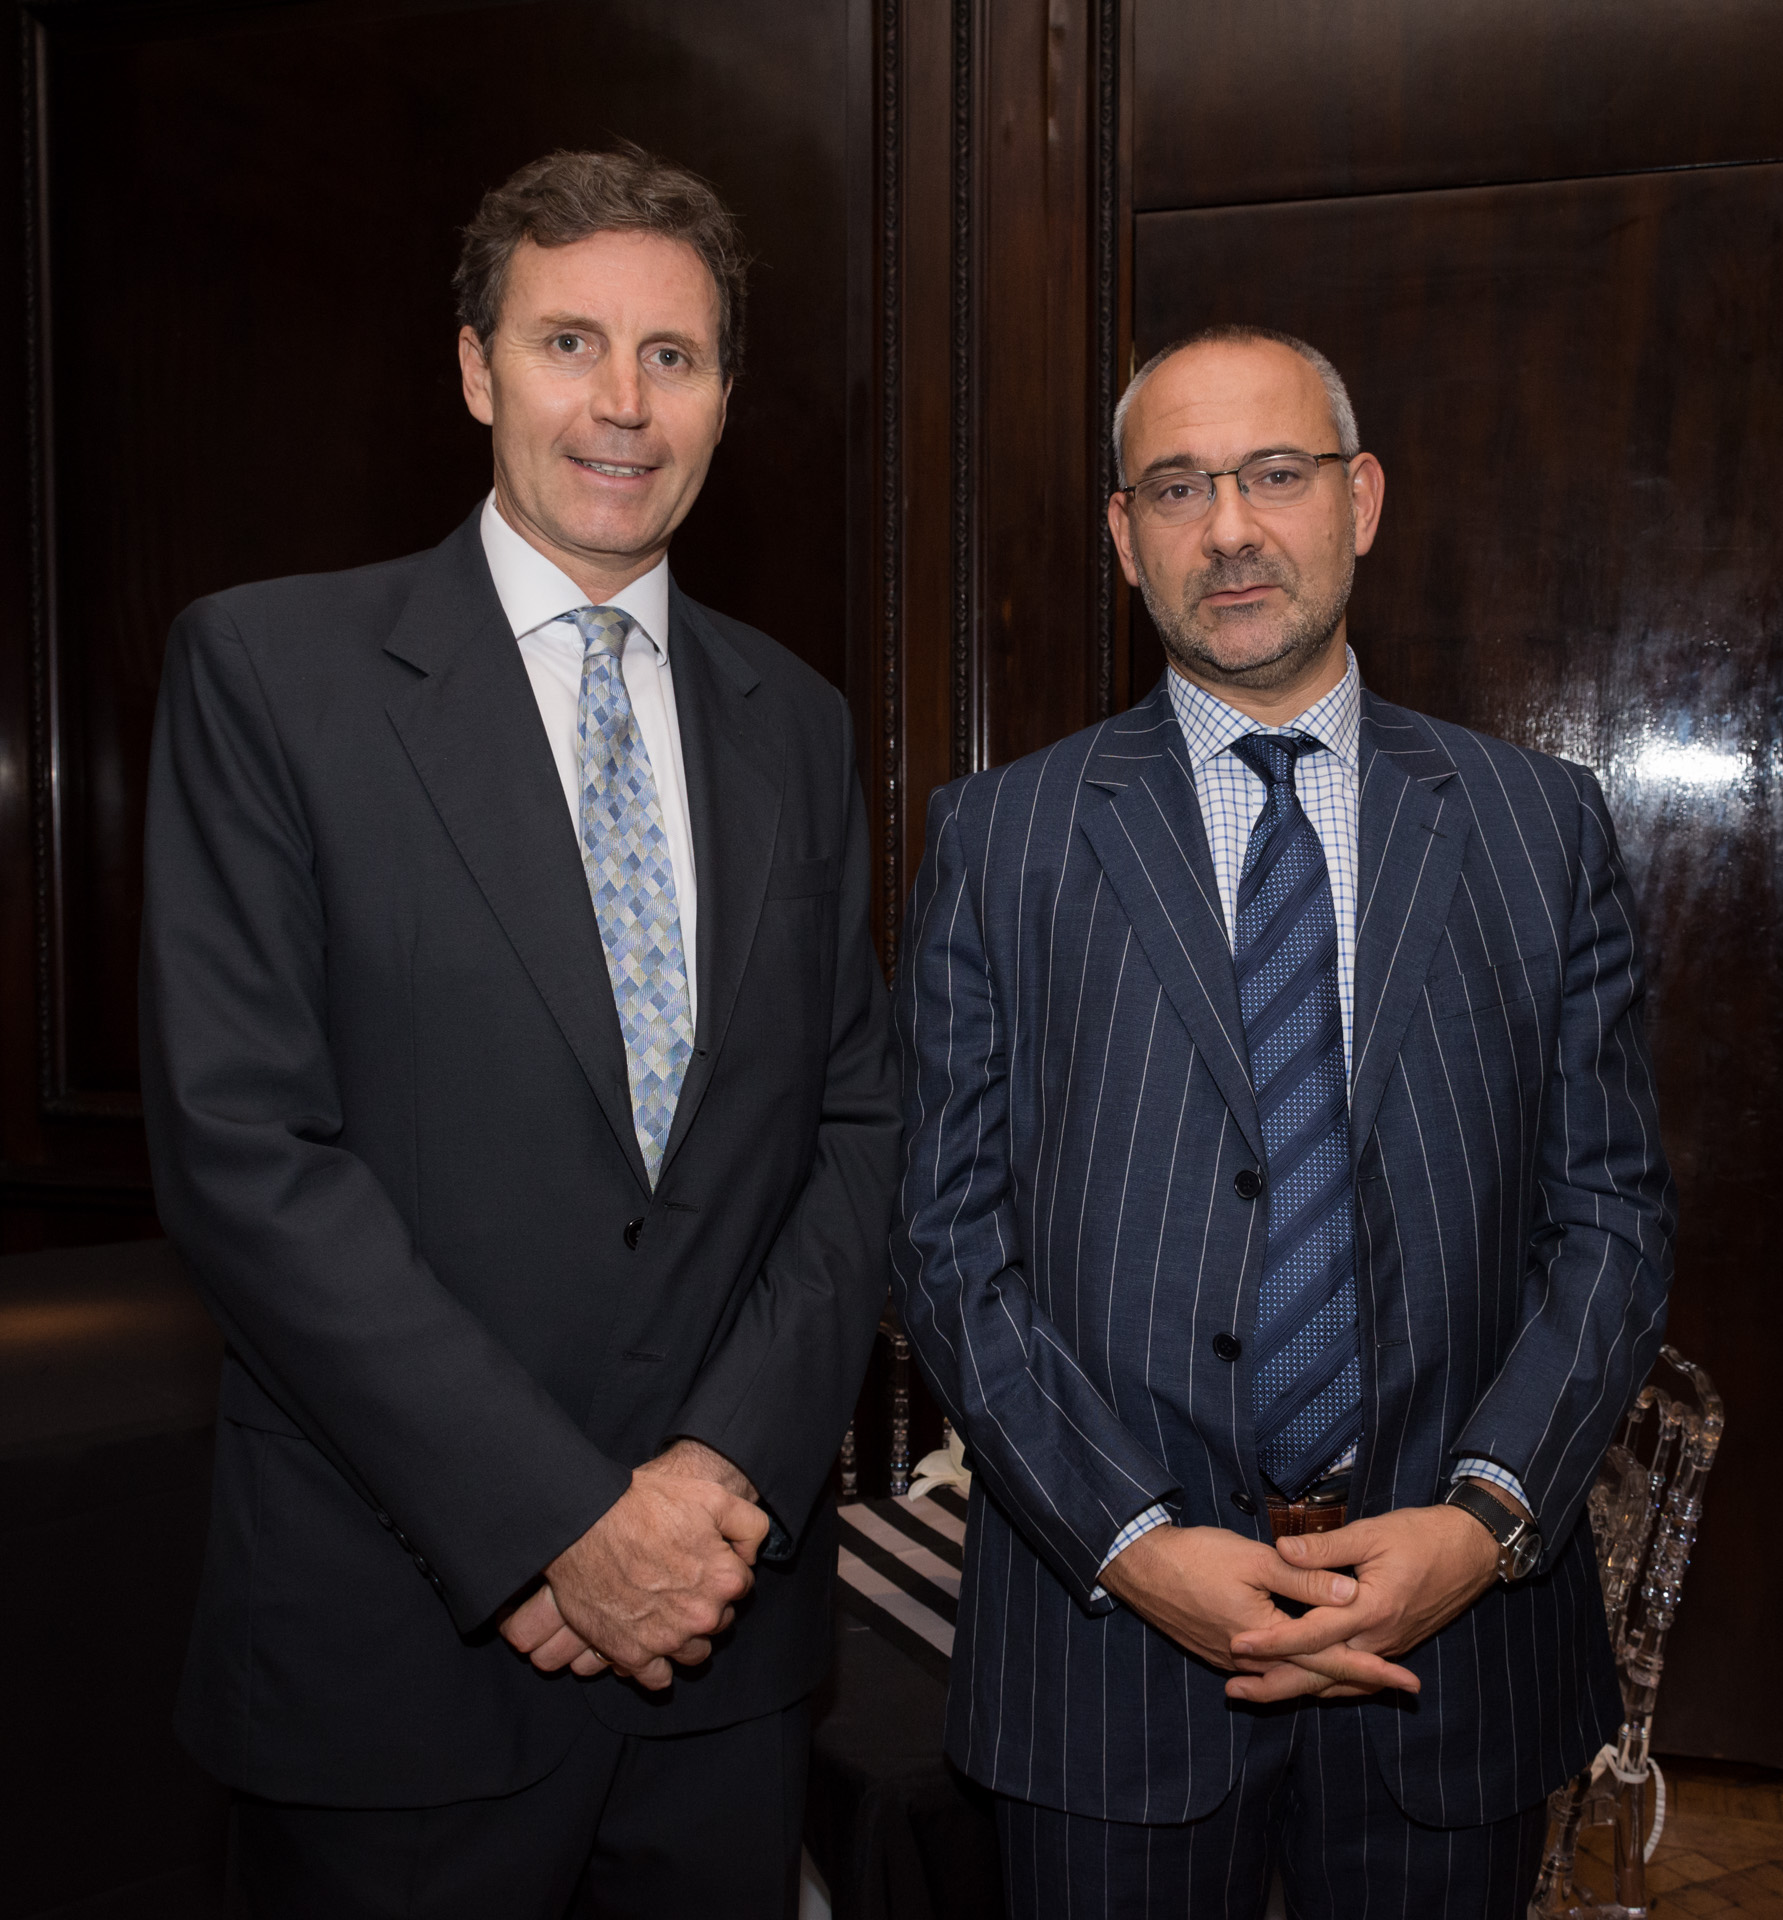 Raymond Paterson, gerente de Finanzas y Asuntos Generales junto Emanuele Ottolenghi alto miembro de la Fundación por la Defensa de las Democracias junto